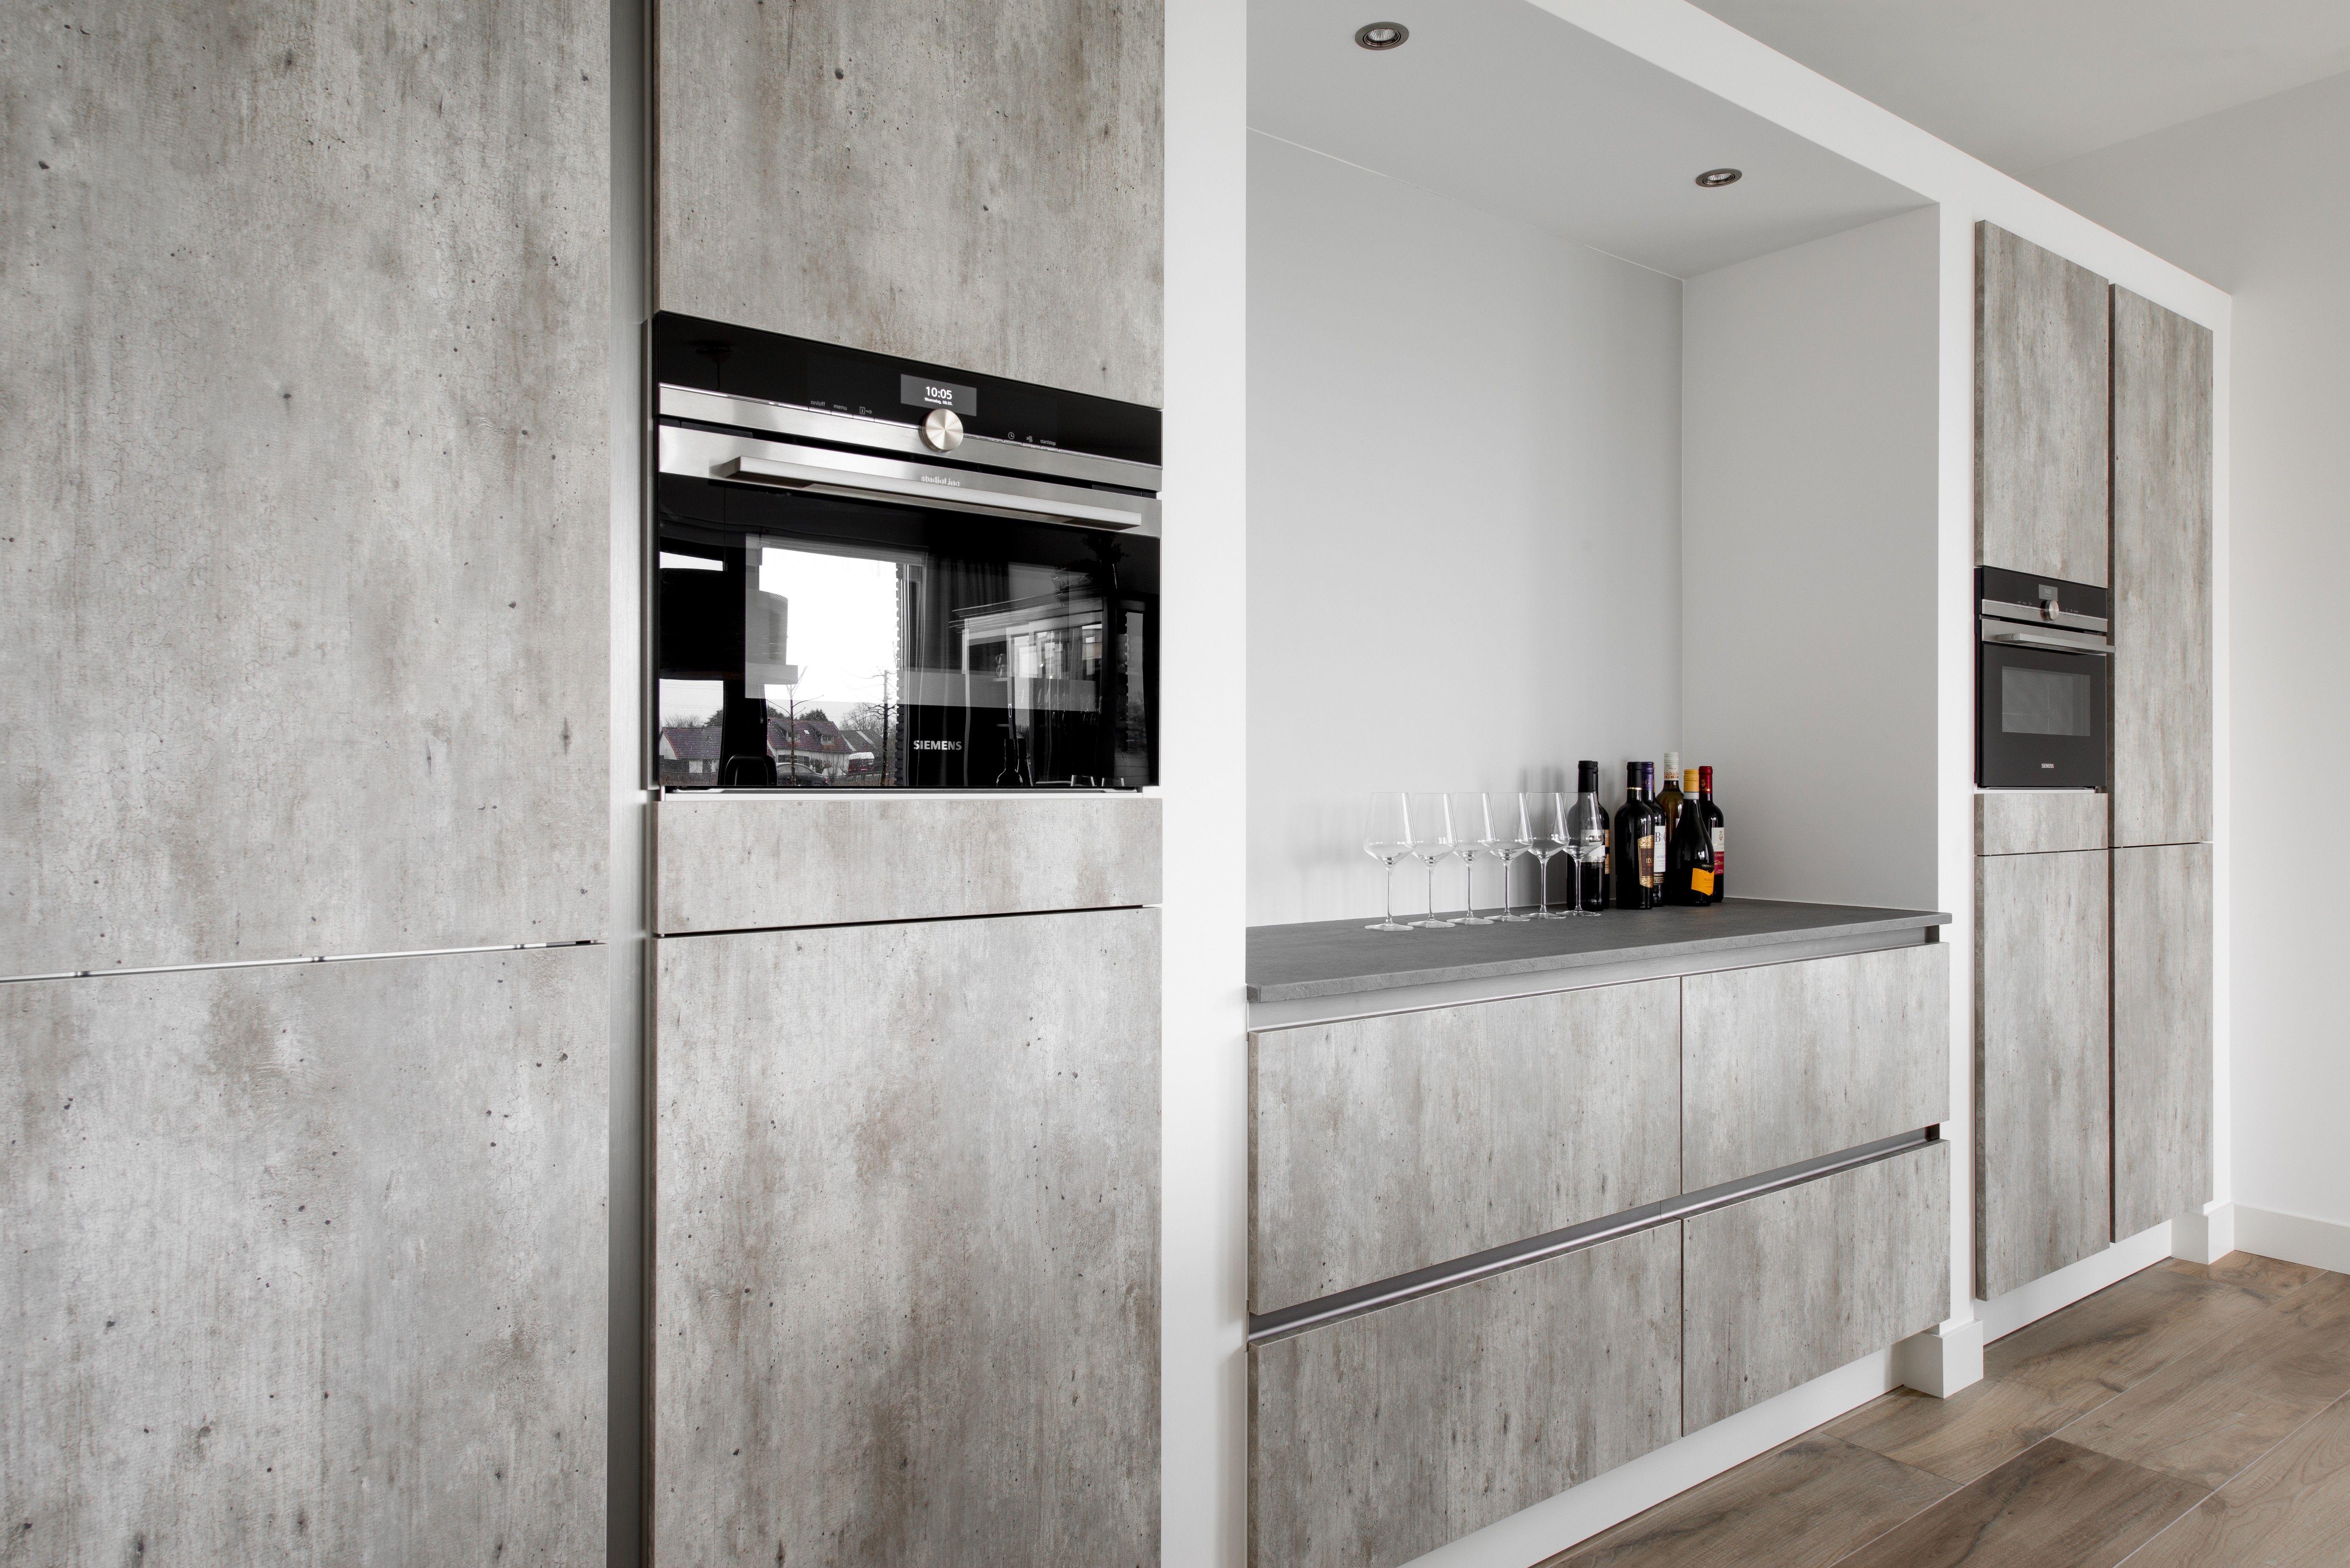 Moderne keuken design keuken atag gaskookplaat siemens ovens